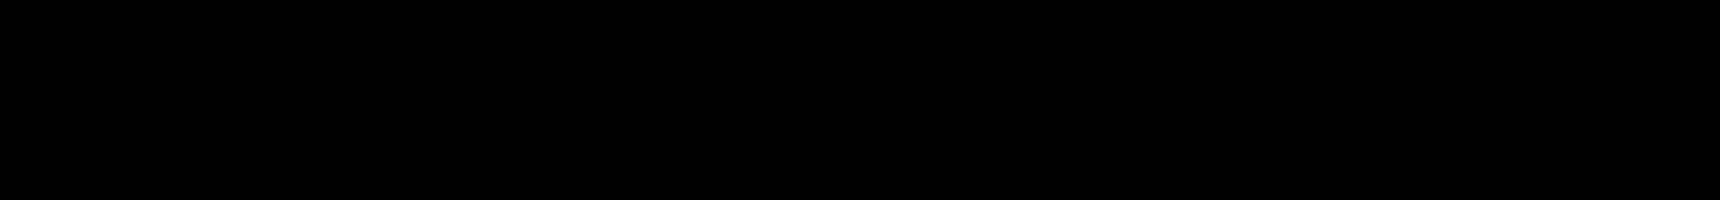 ロゴマーク(シンボル)デザイン制作料金の目安 100,000円